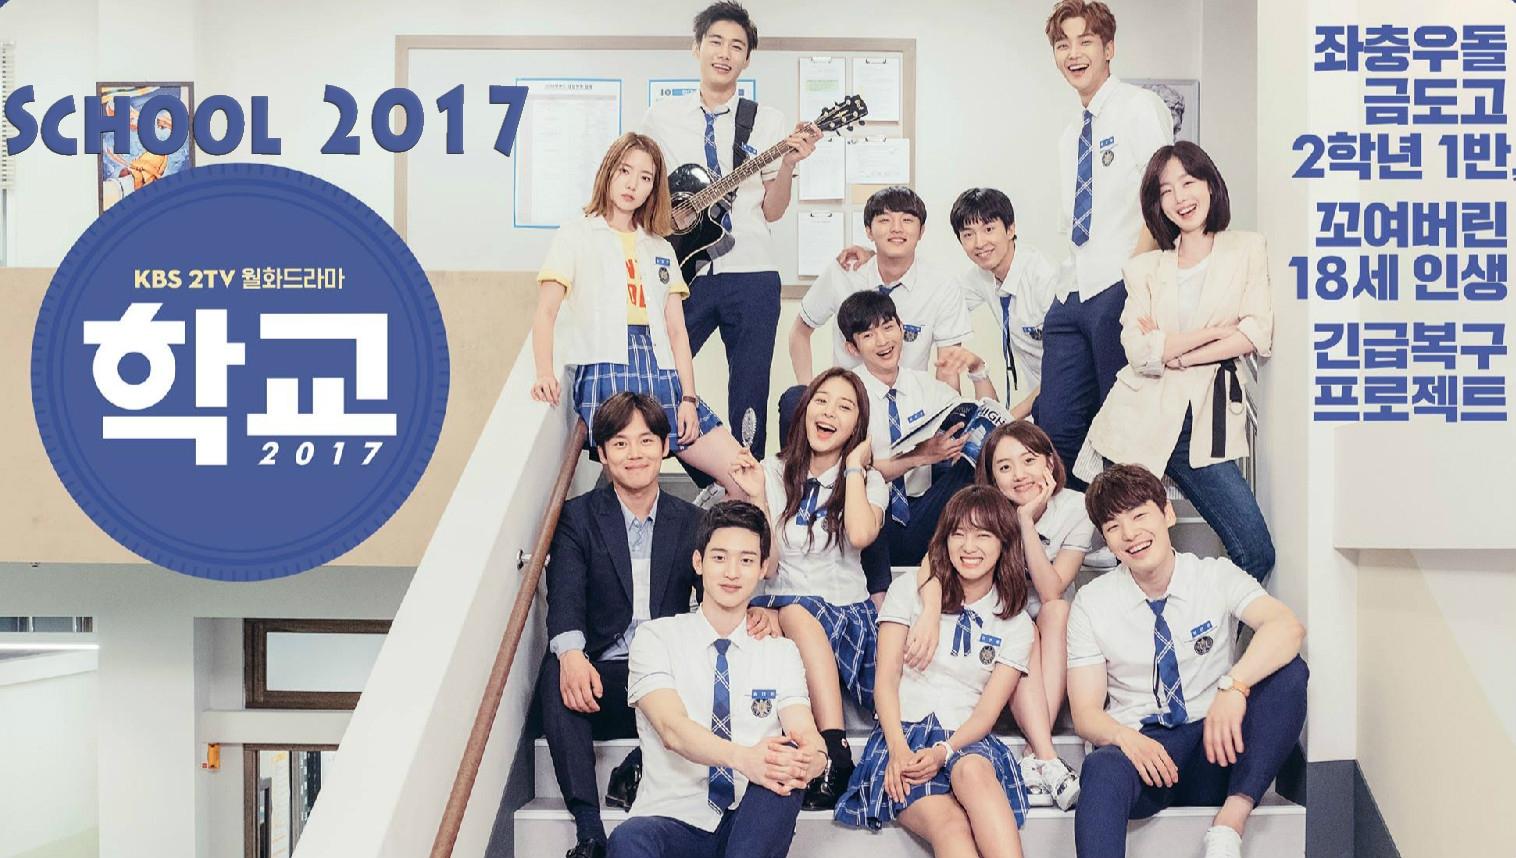 School 2017 4. Bölüm İzle